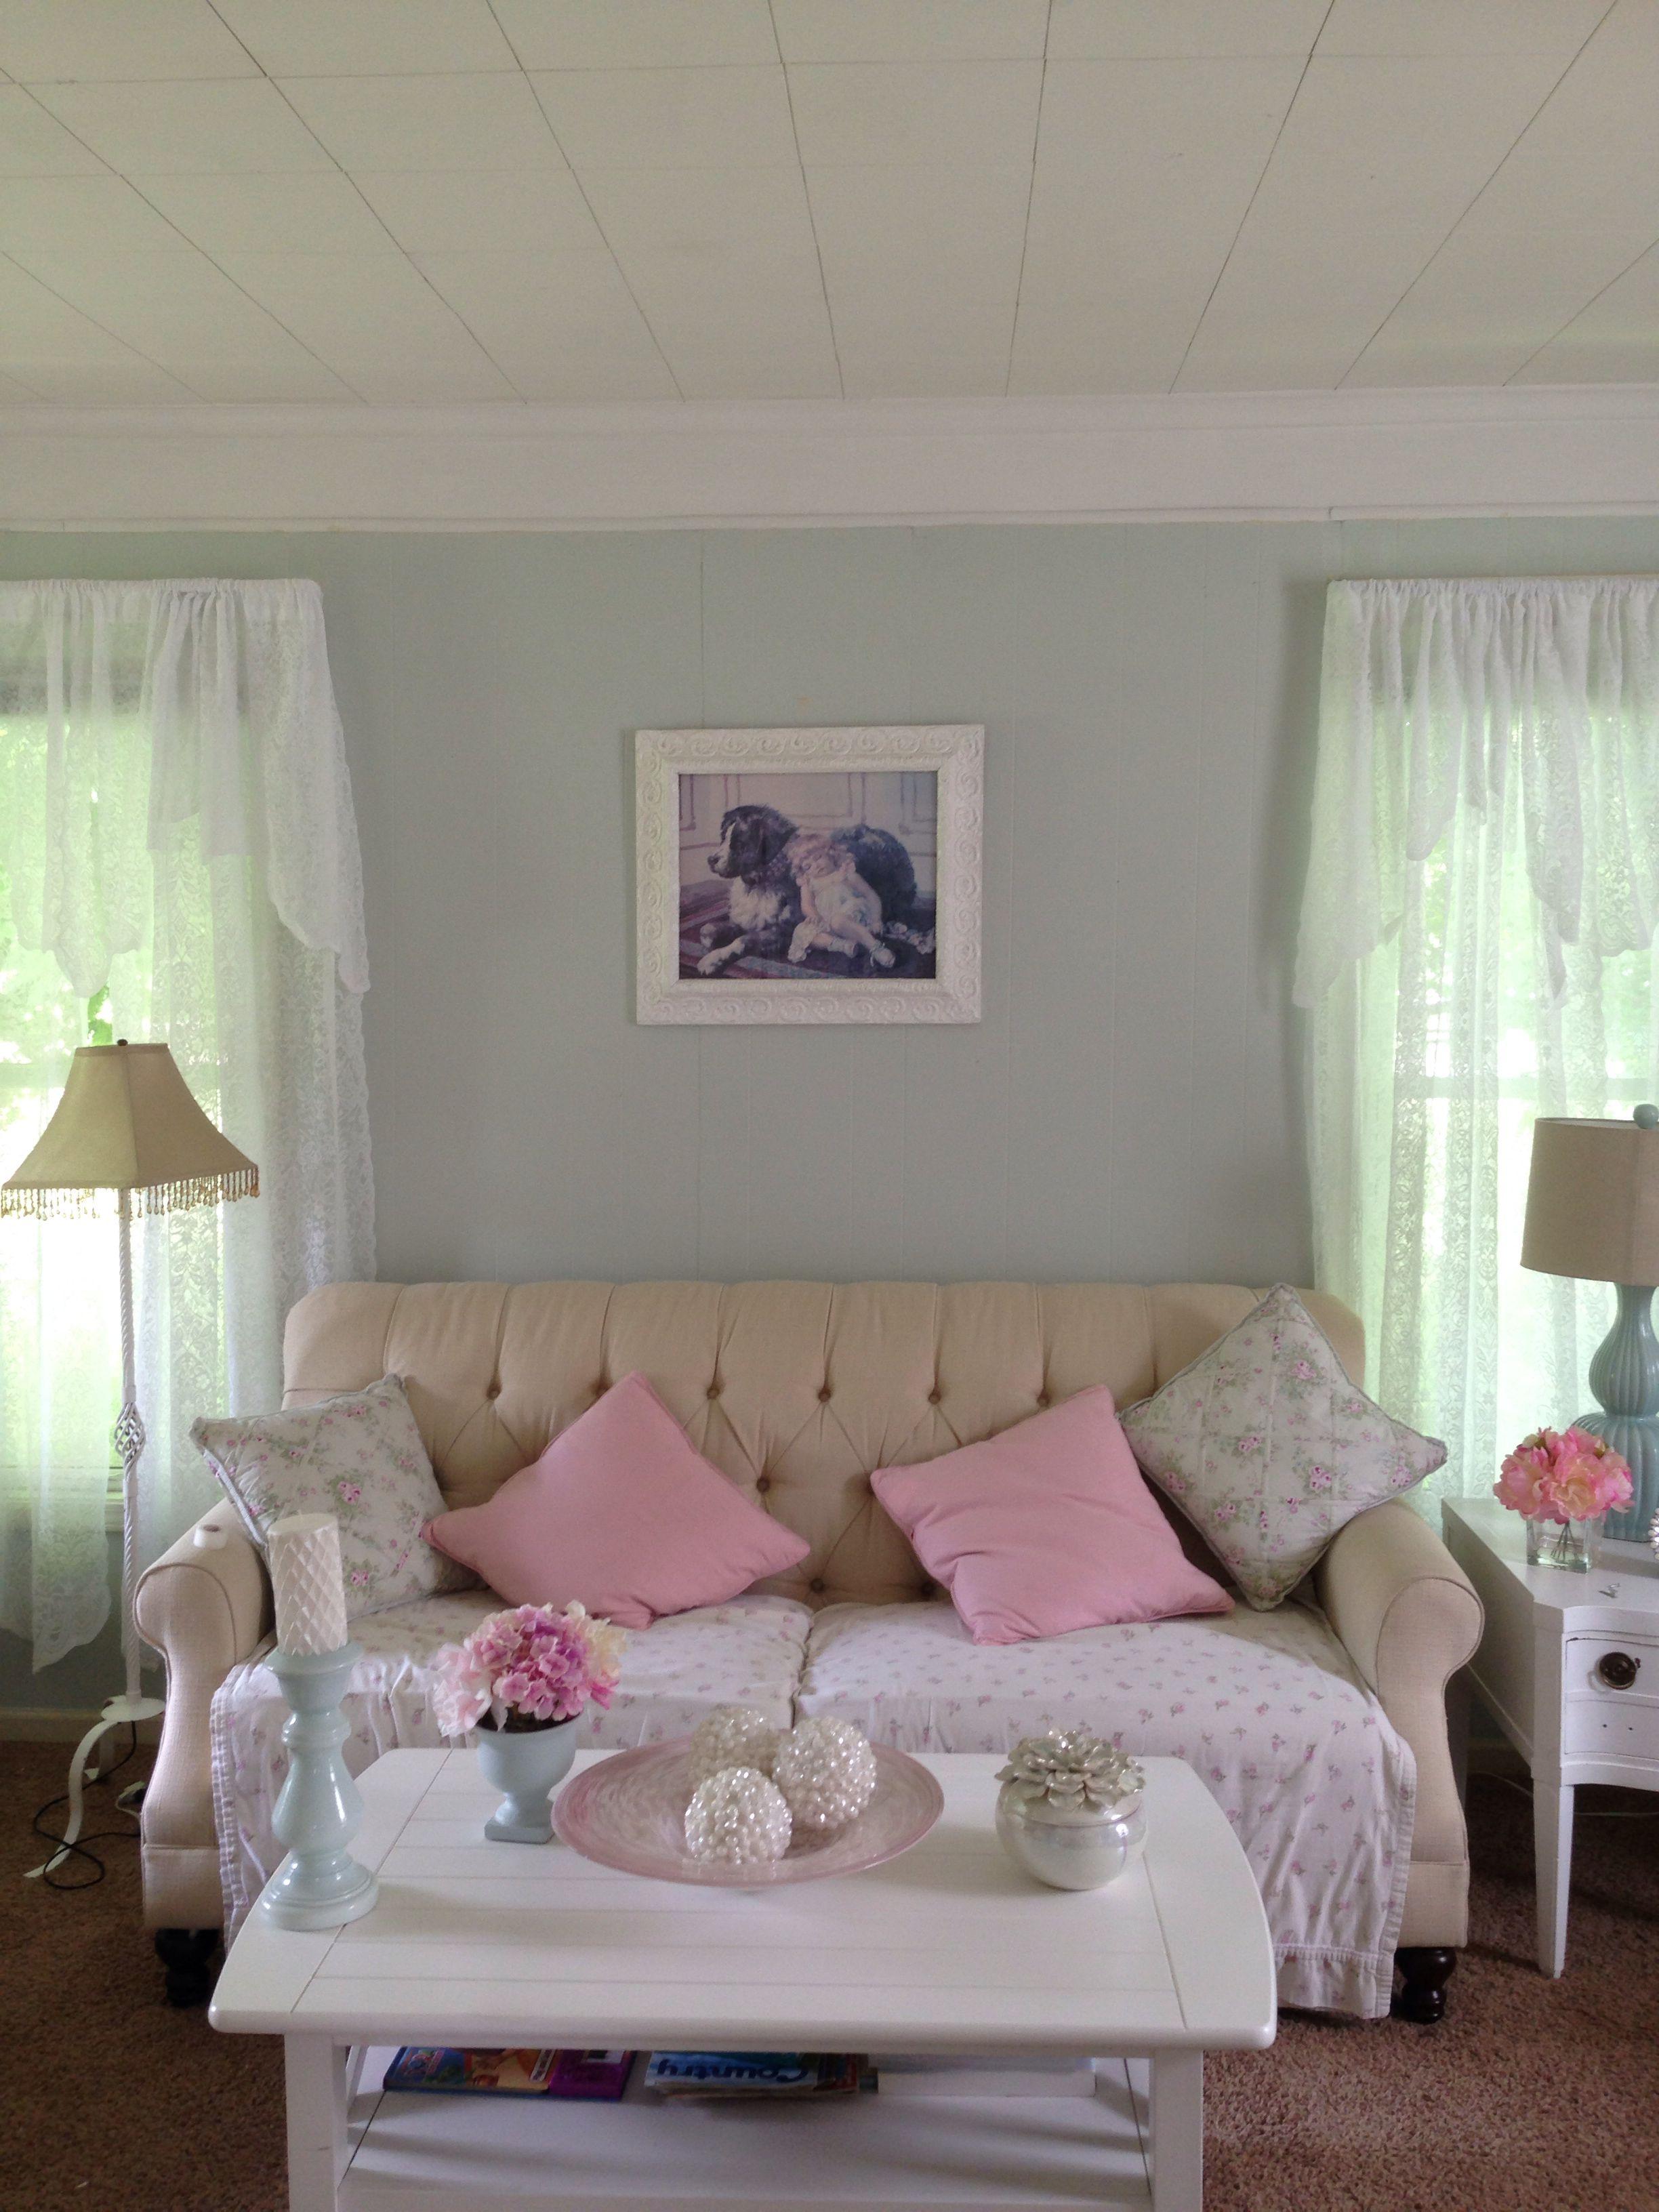 Master bedroom benjamin moore s healing aloe paint color